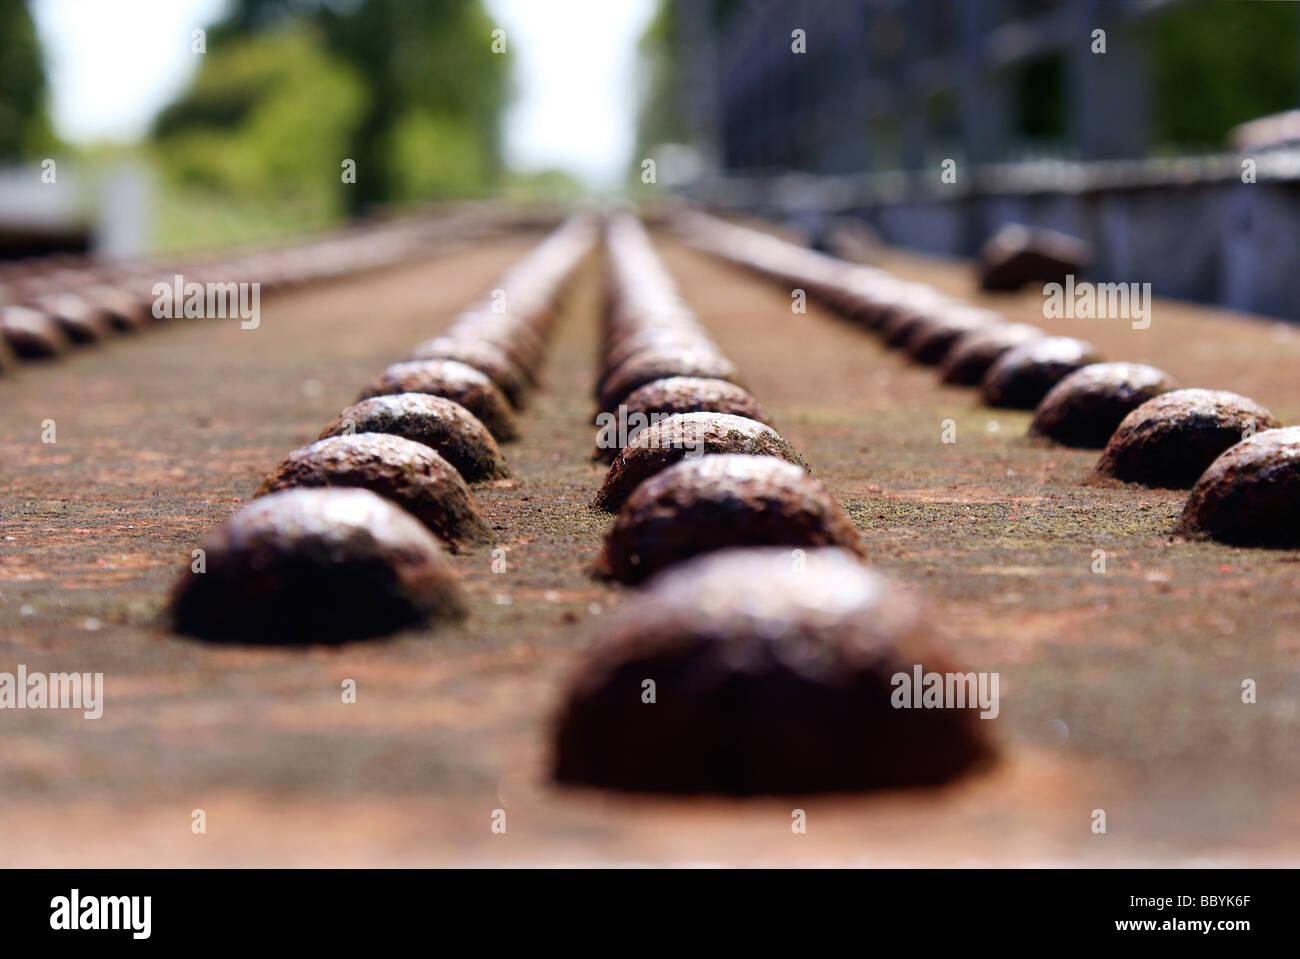 Rostige Eisenträger mit Nieten - Tragkonstruktion Teil einer Eisenbahnbrücke über Wasser Stockbild